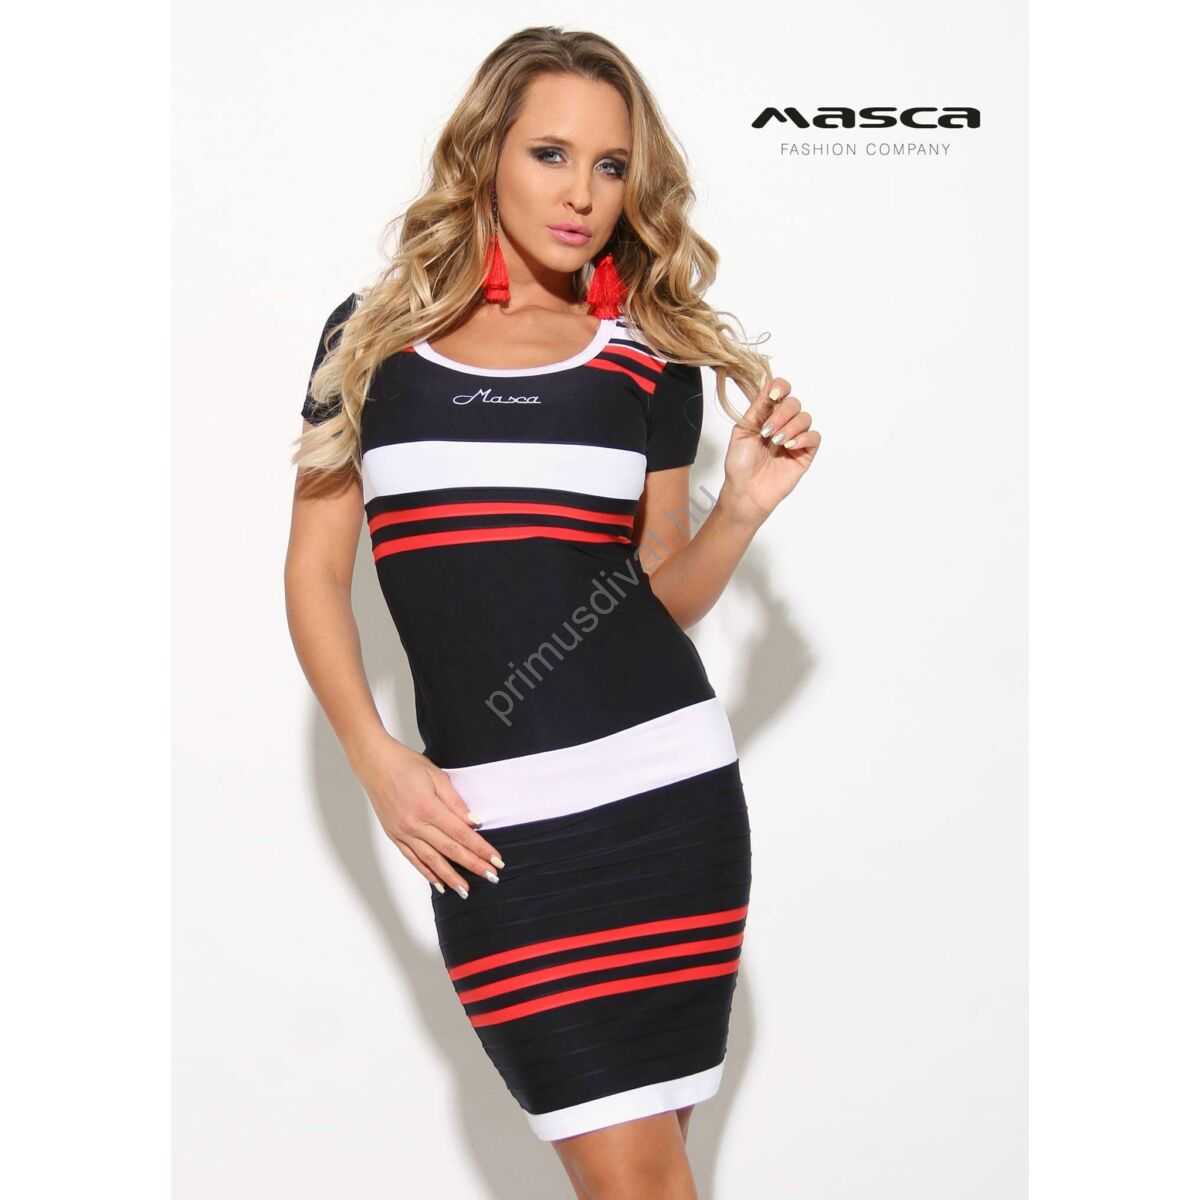 5d63a8786a Kép 1/1 - Masca Fashion környakas, rövid ujjú piros-fehér csíkos sötétkék  szűk miniruha